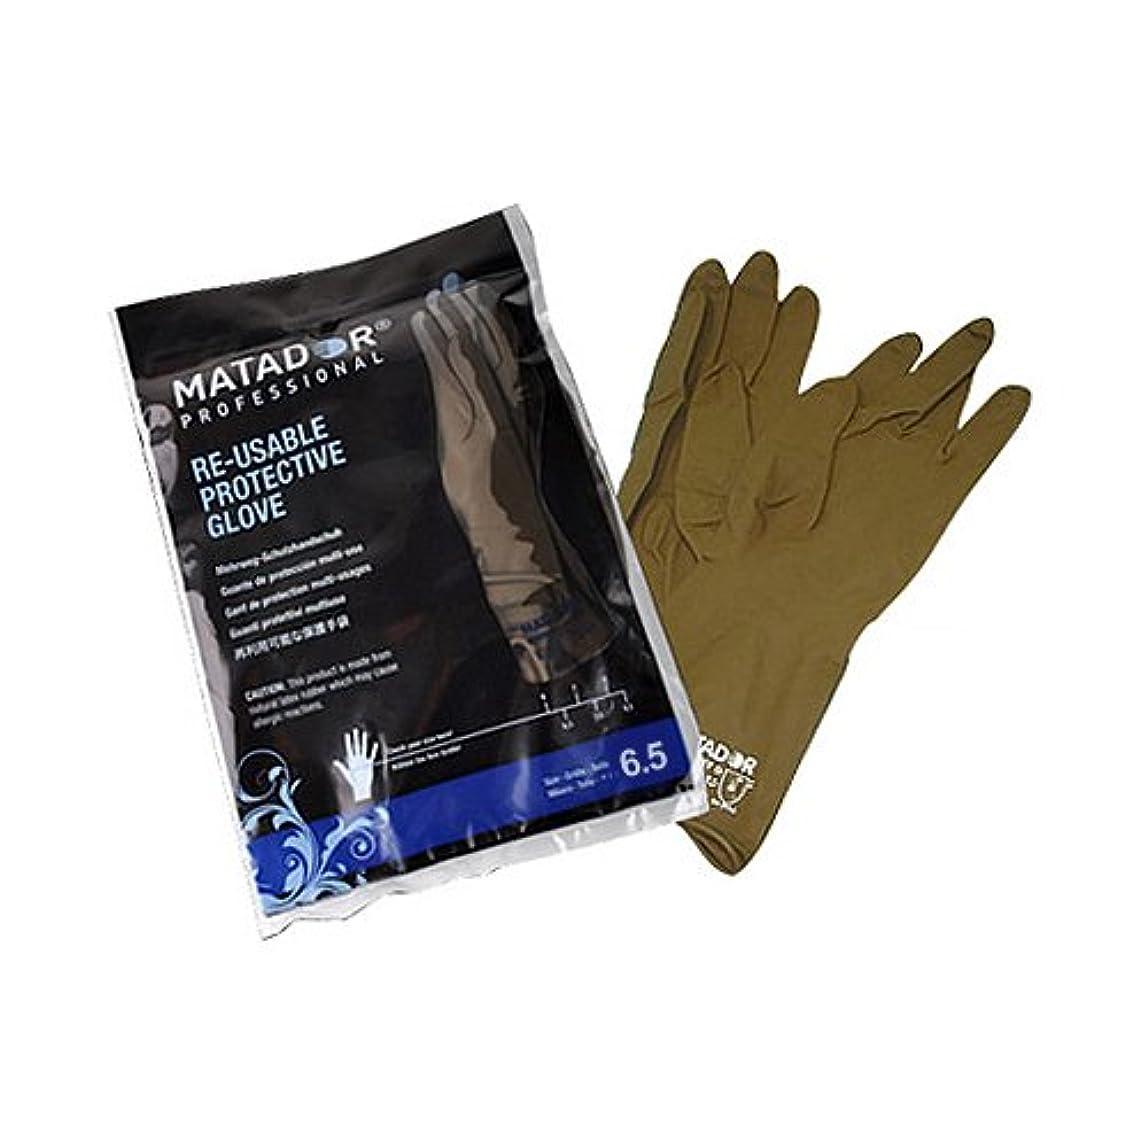 旅シェトランド諸島ゆりマタドールゴム手袋 6.5吋 【5個セット】